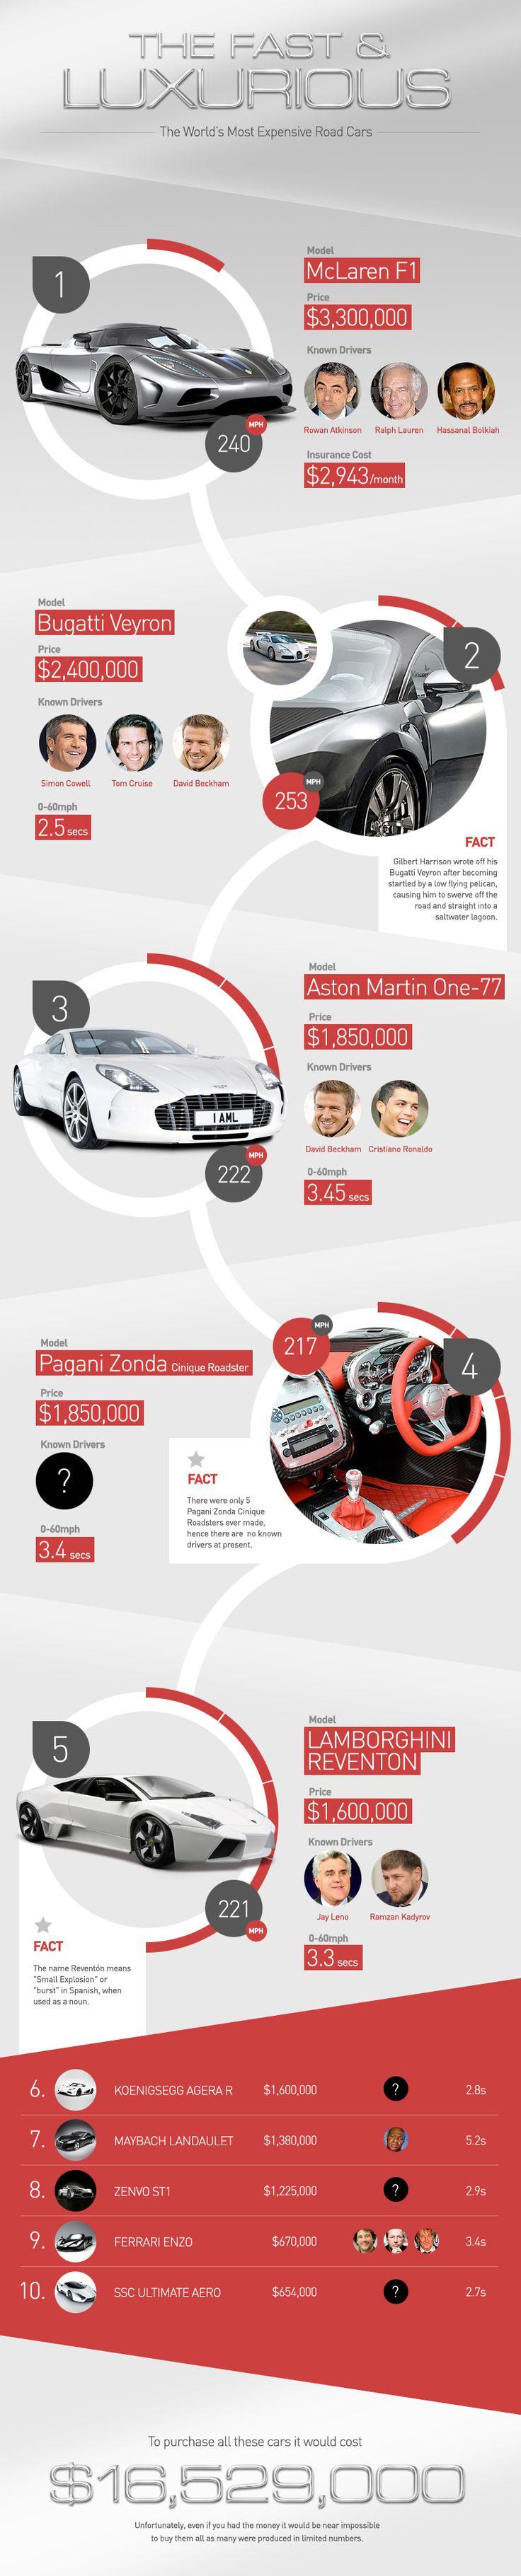 Infografía acerca de los coches más rápidos y lujosos - Lainfografia